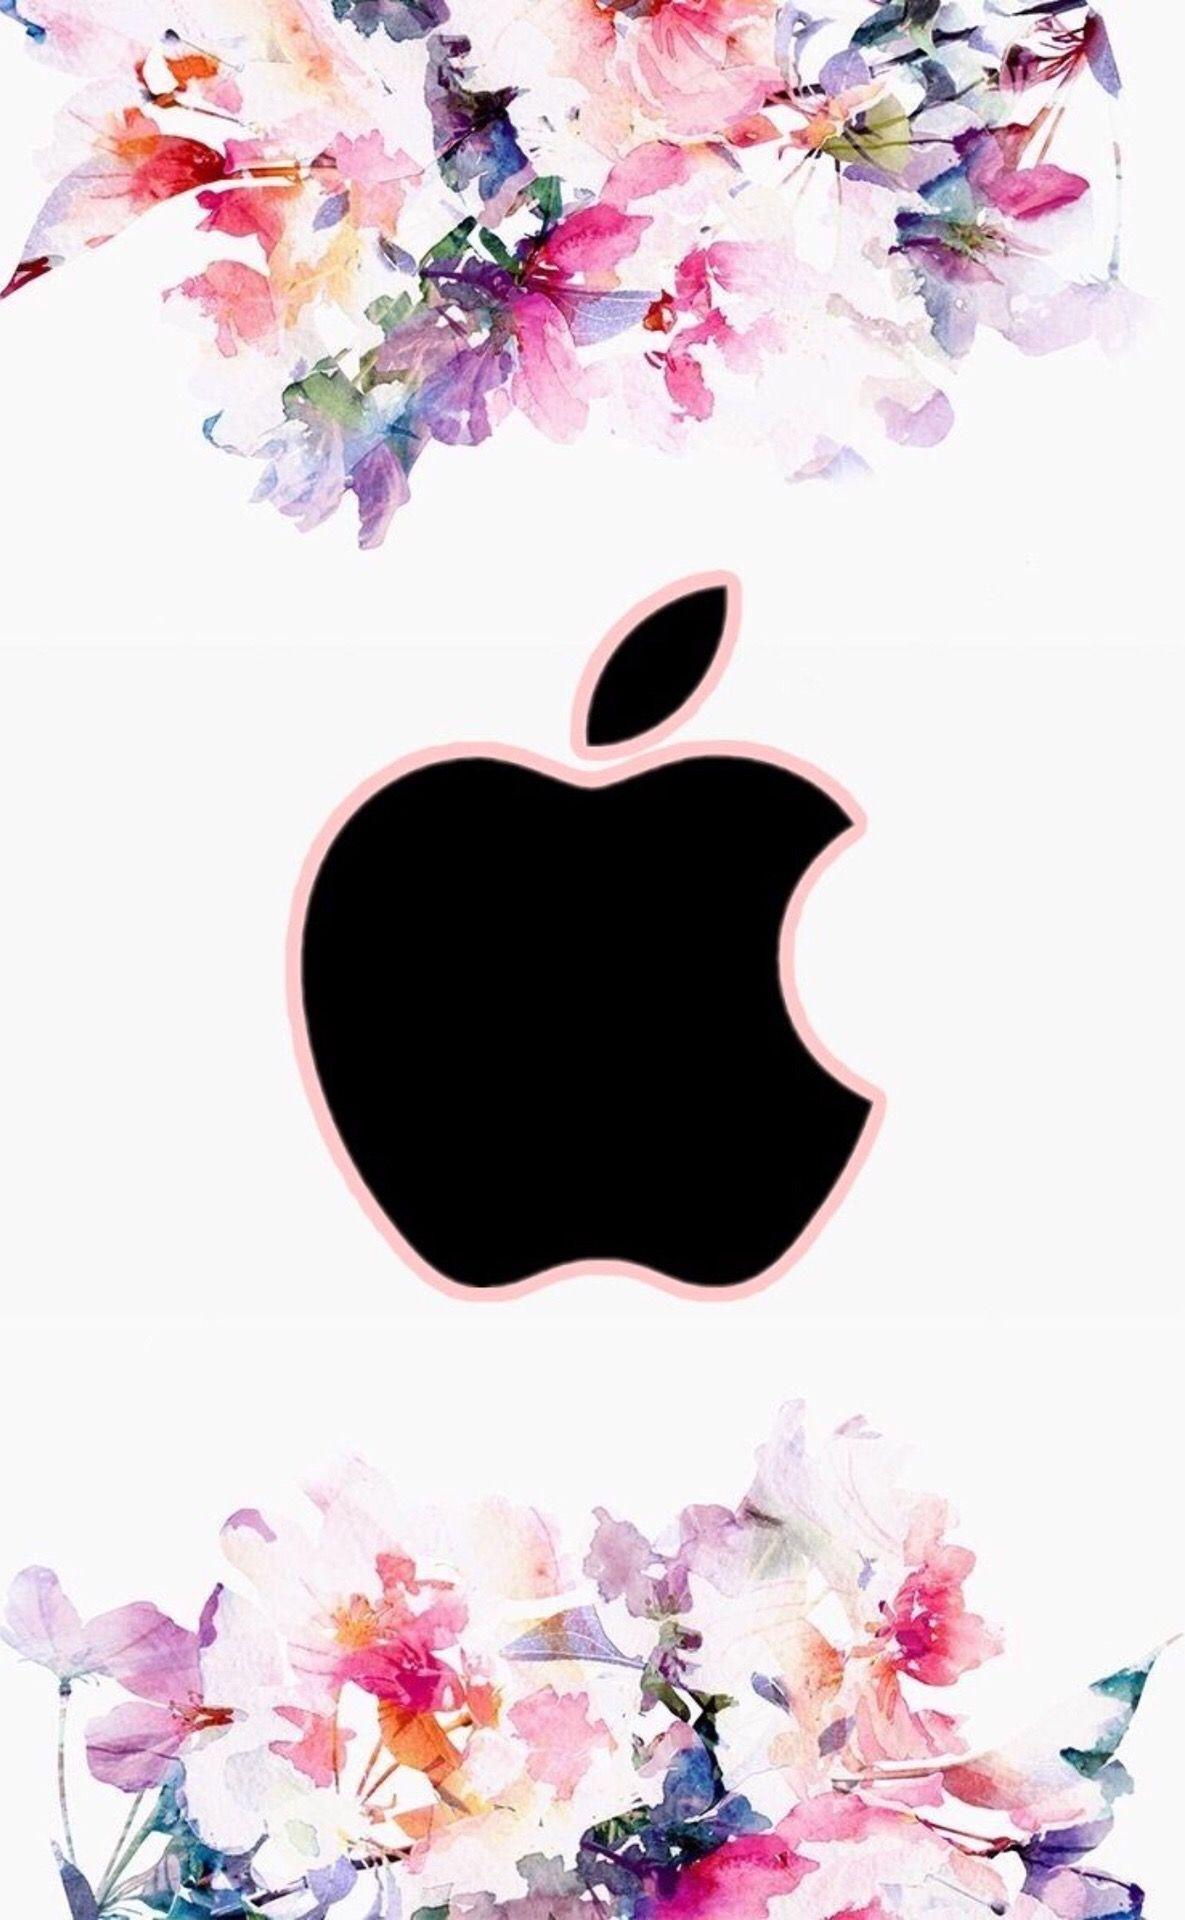 Pin by Dina Hamlett on Wallpapers Apple logo wallpaper